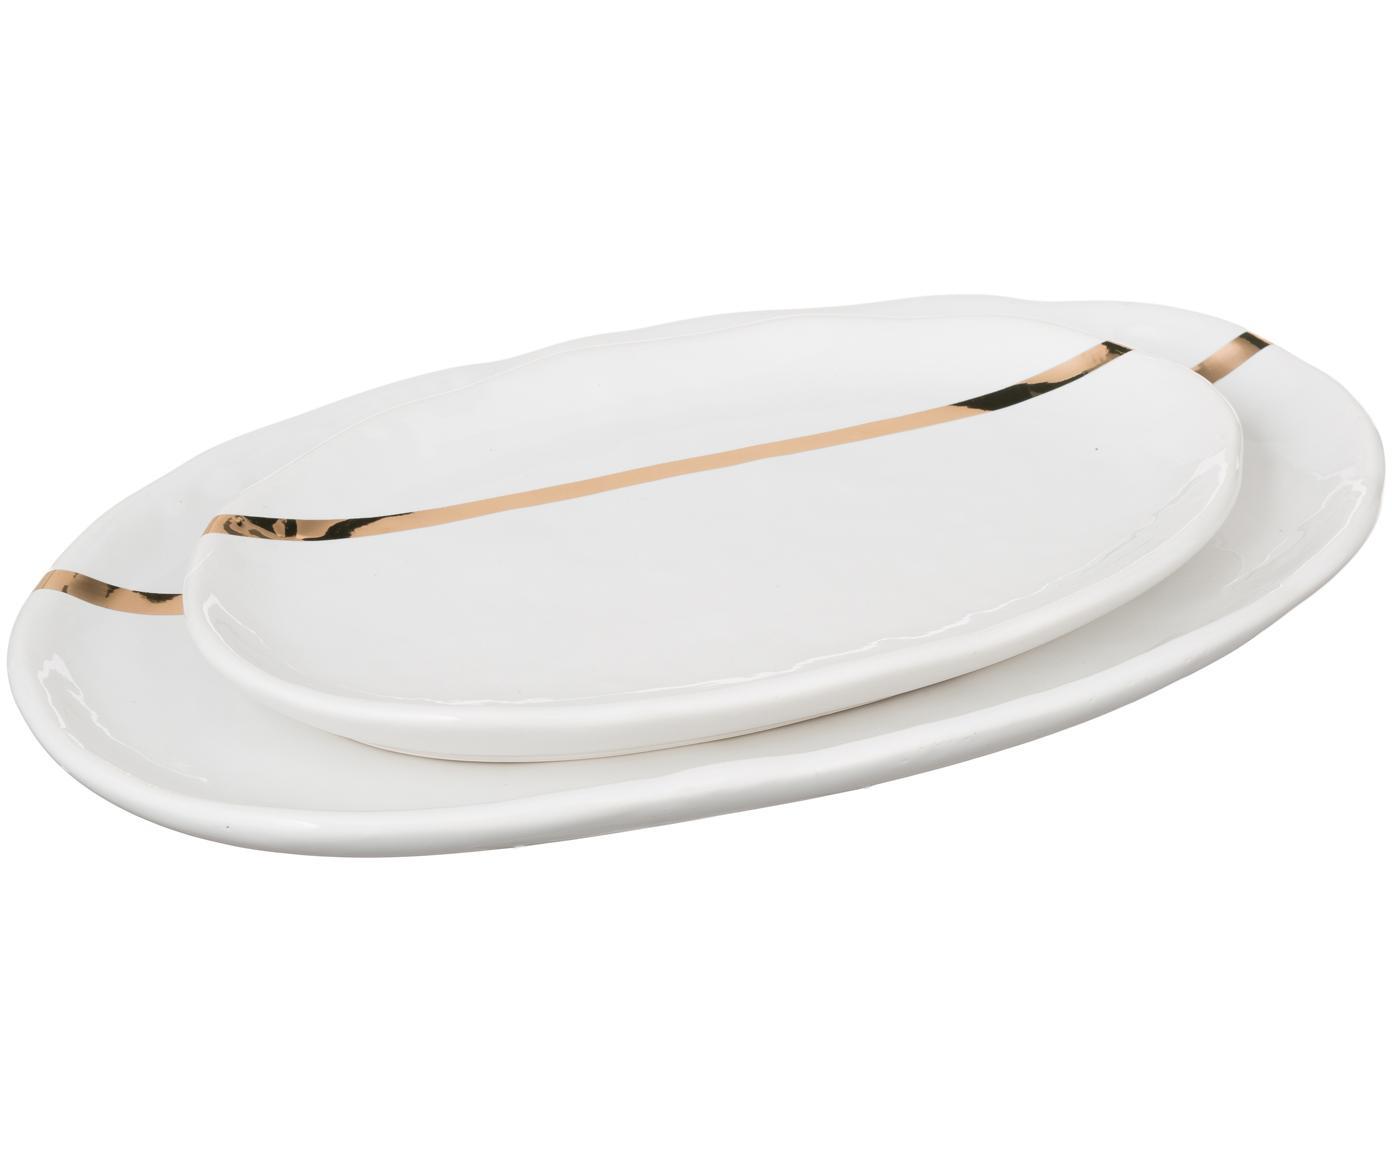 Komplet półmisków Aruna, 2 elem., Porcelana, Biały, odcienie złotego, Różne rozmiary